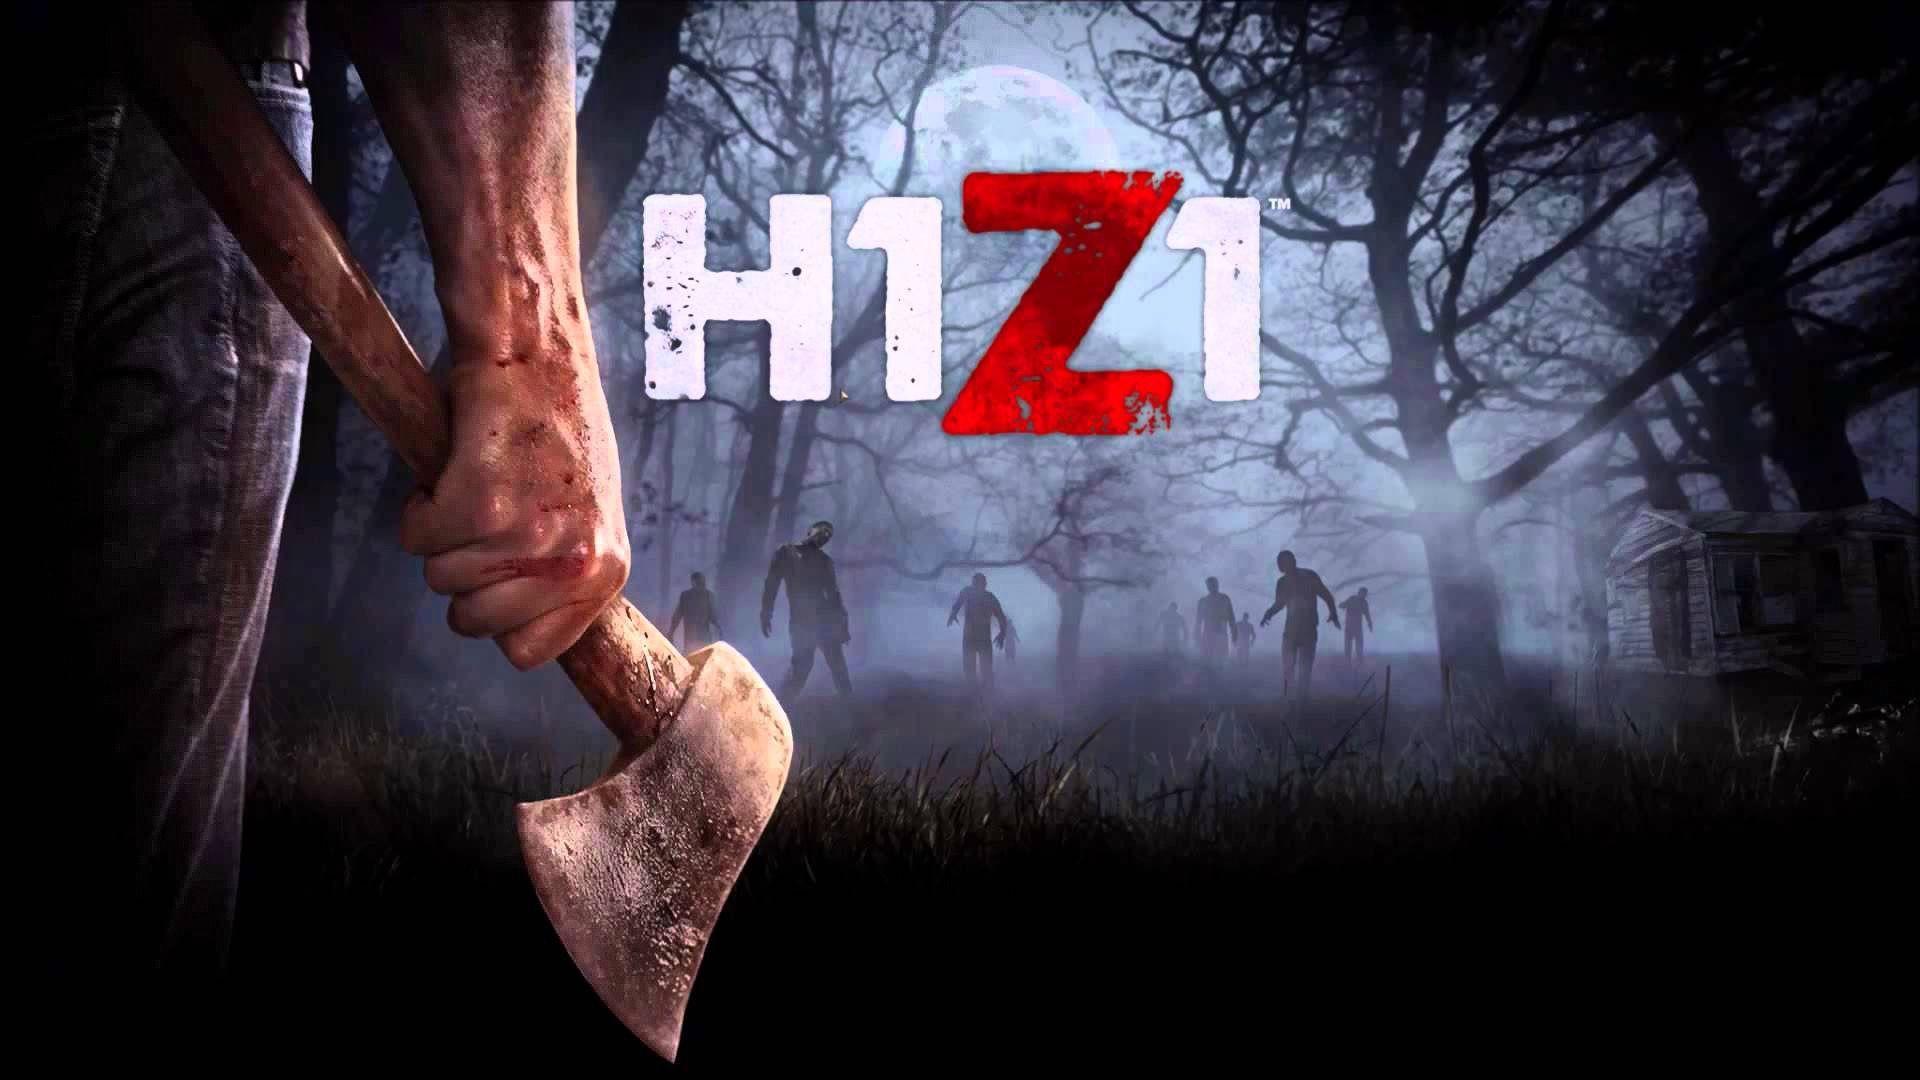 نتيجة بحث الصور عن h1z1 wallpaper